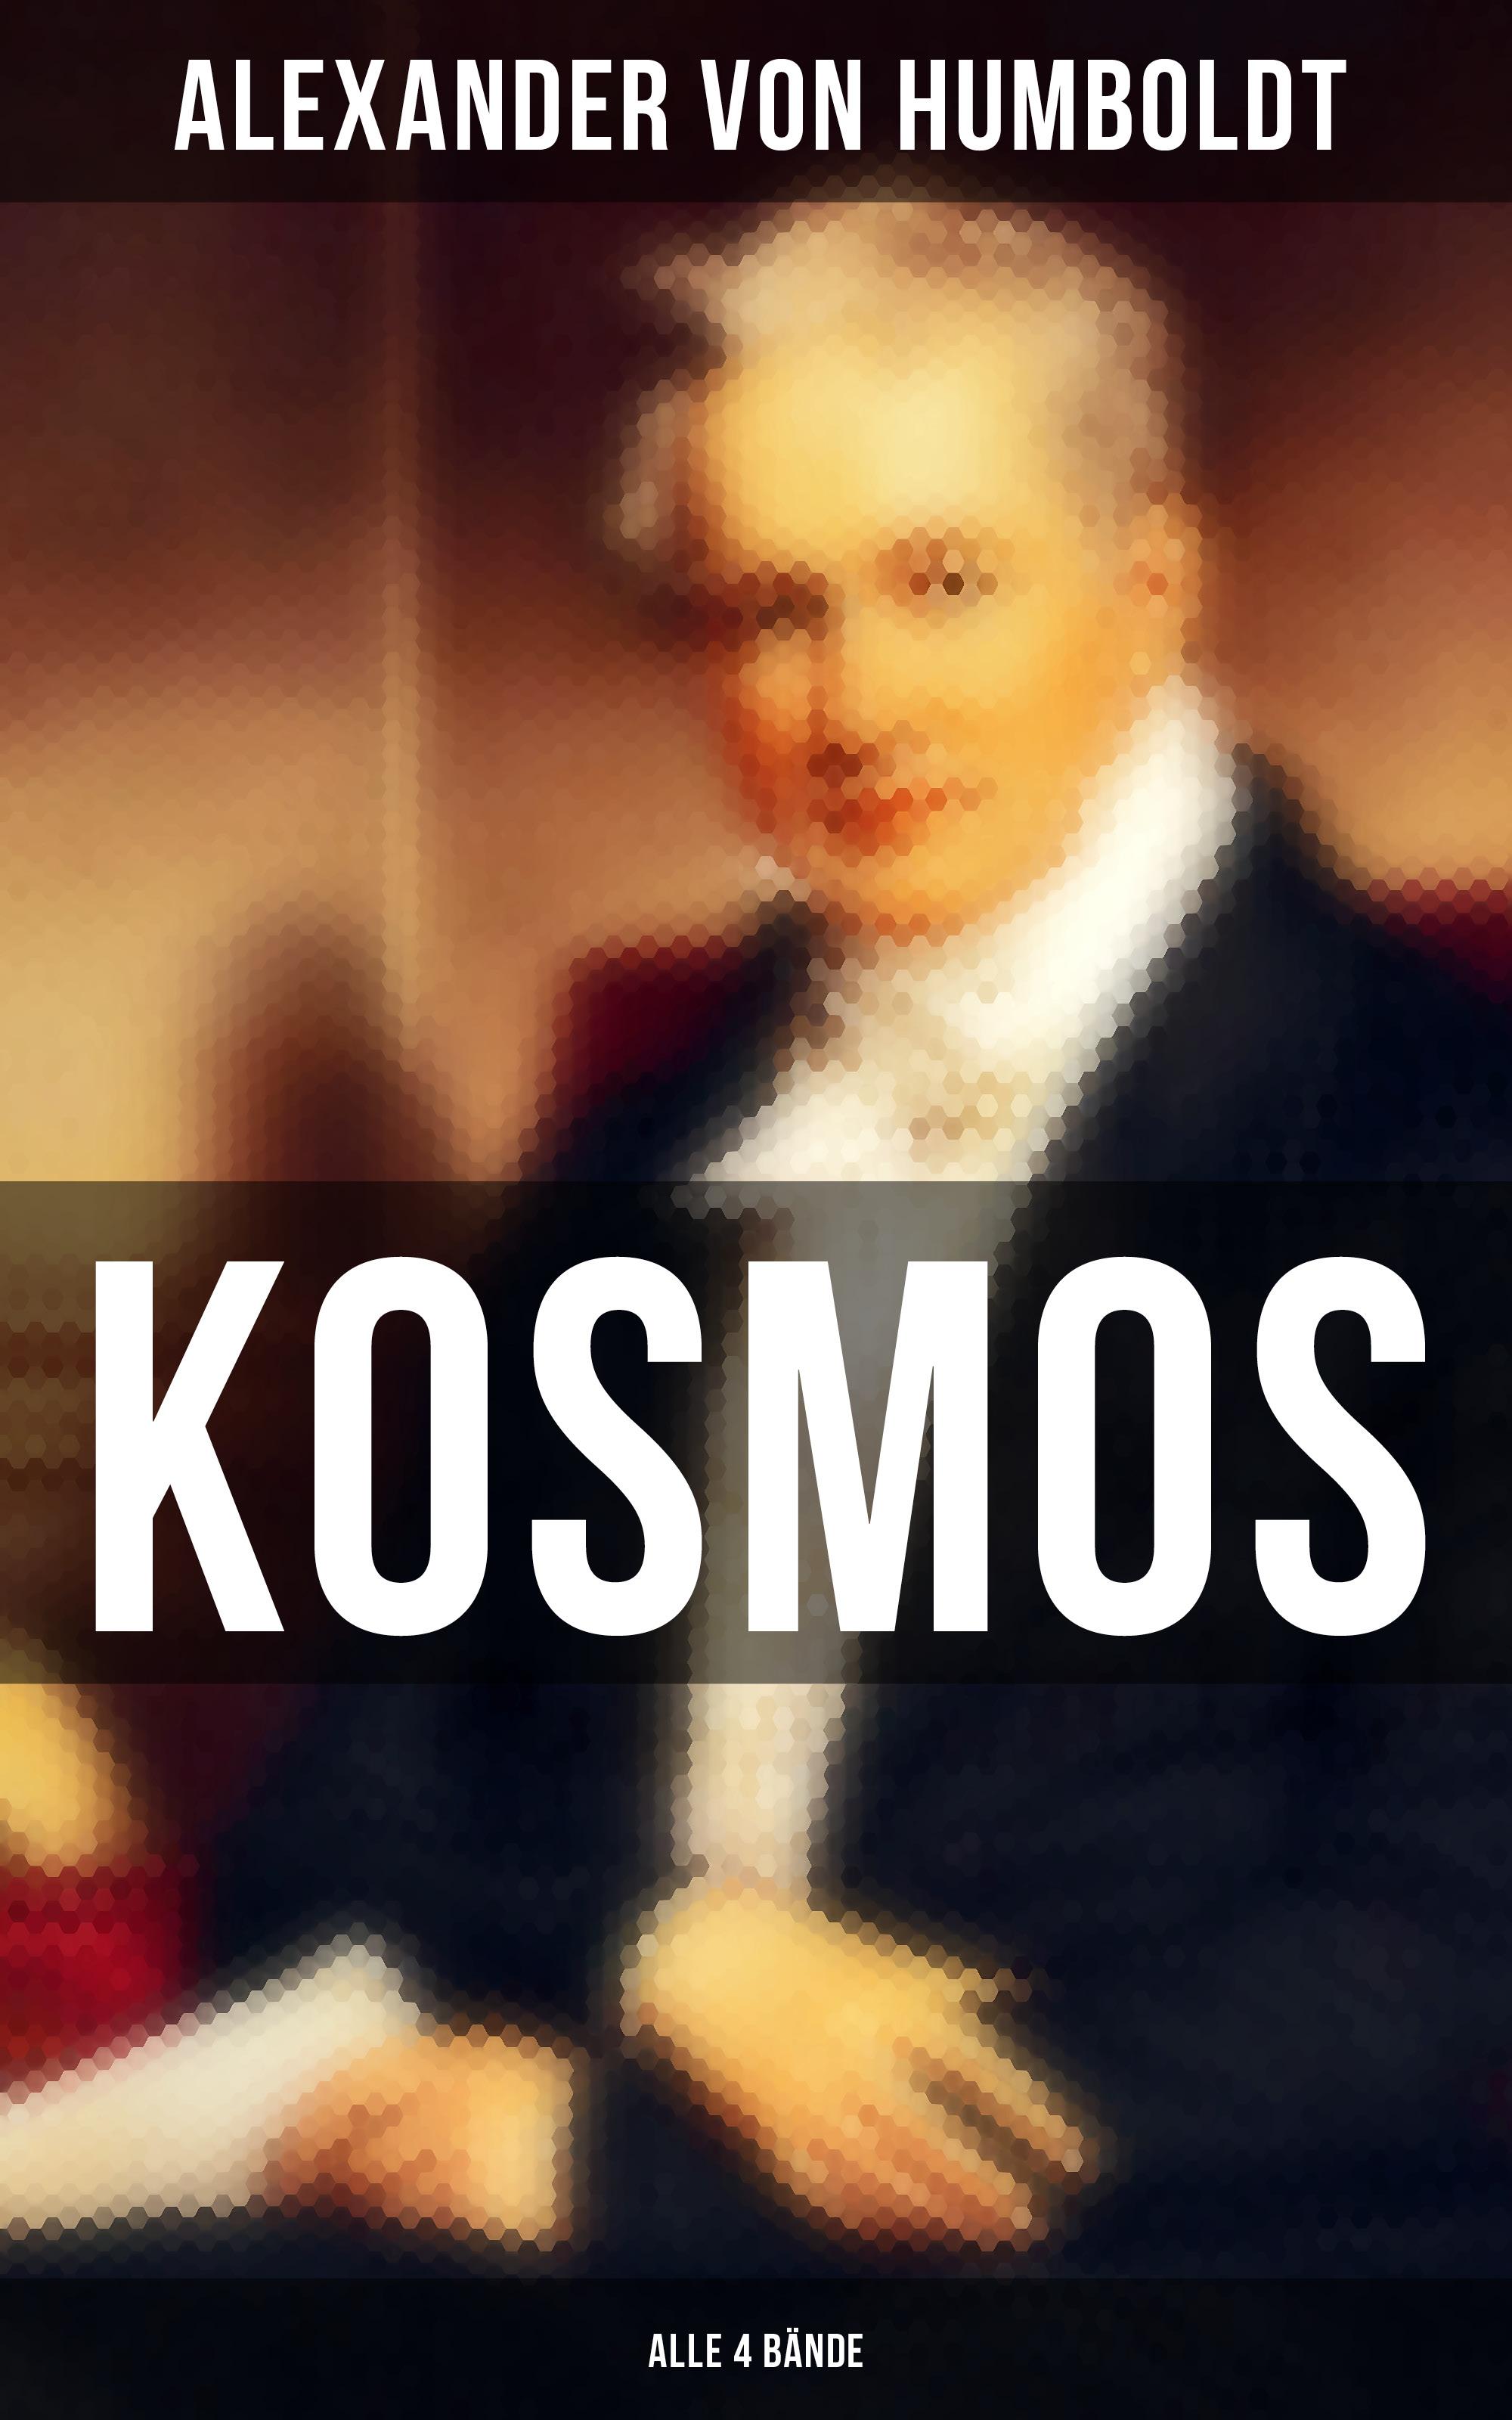 Alexander von Humboldt Kosmos (Alle 4 Bände) a von humboldt kosmos entwurf einer physischen weltbeschreibung band 1